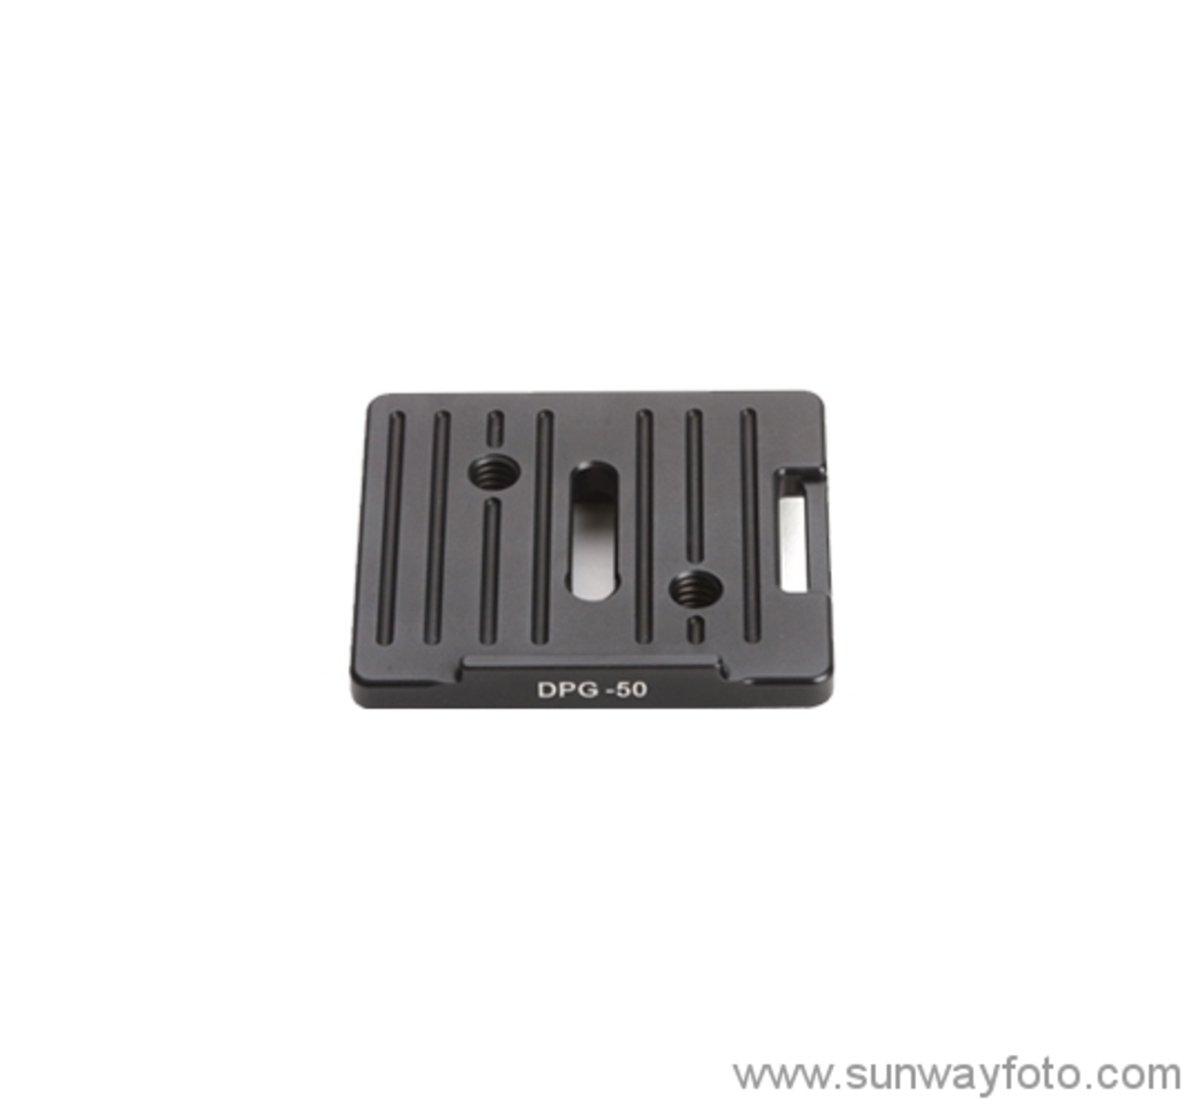 通用型快裝板 DPG-50